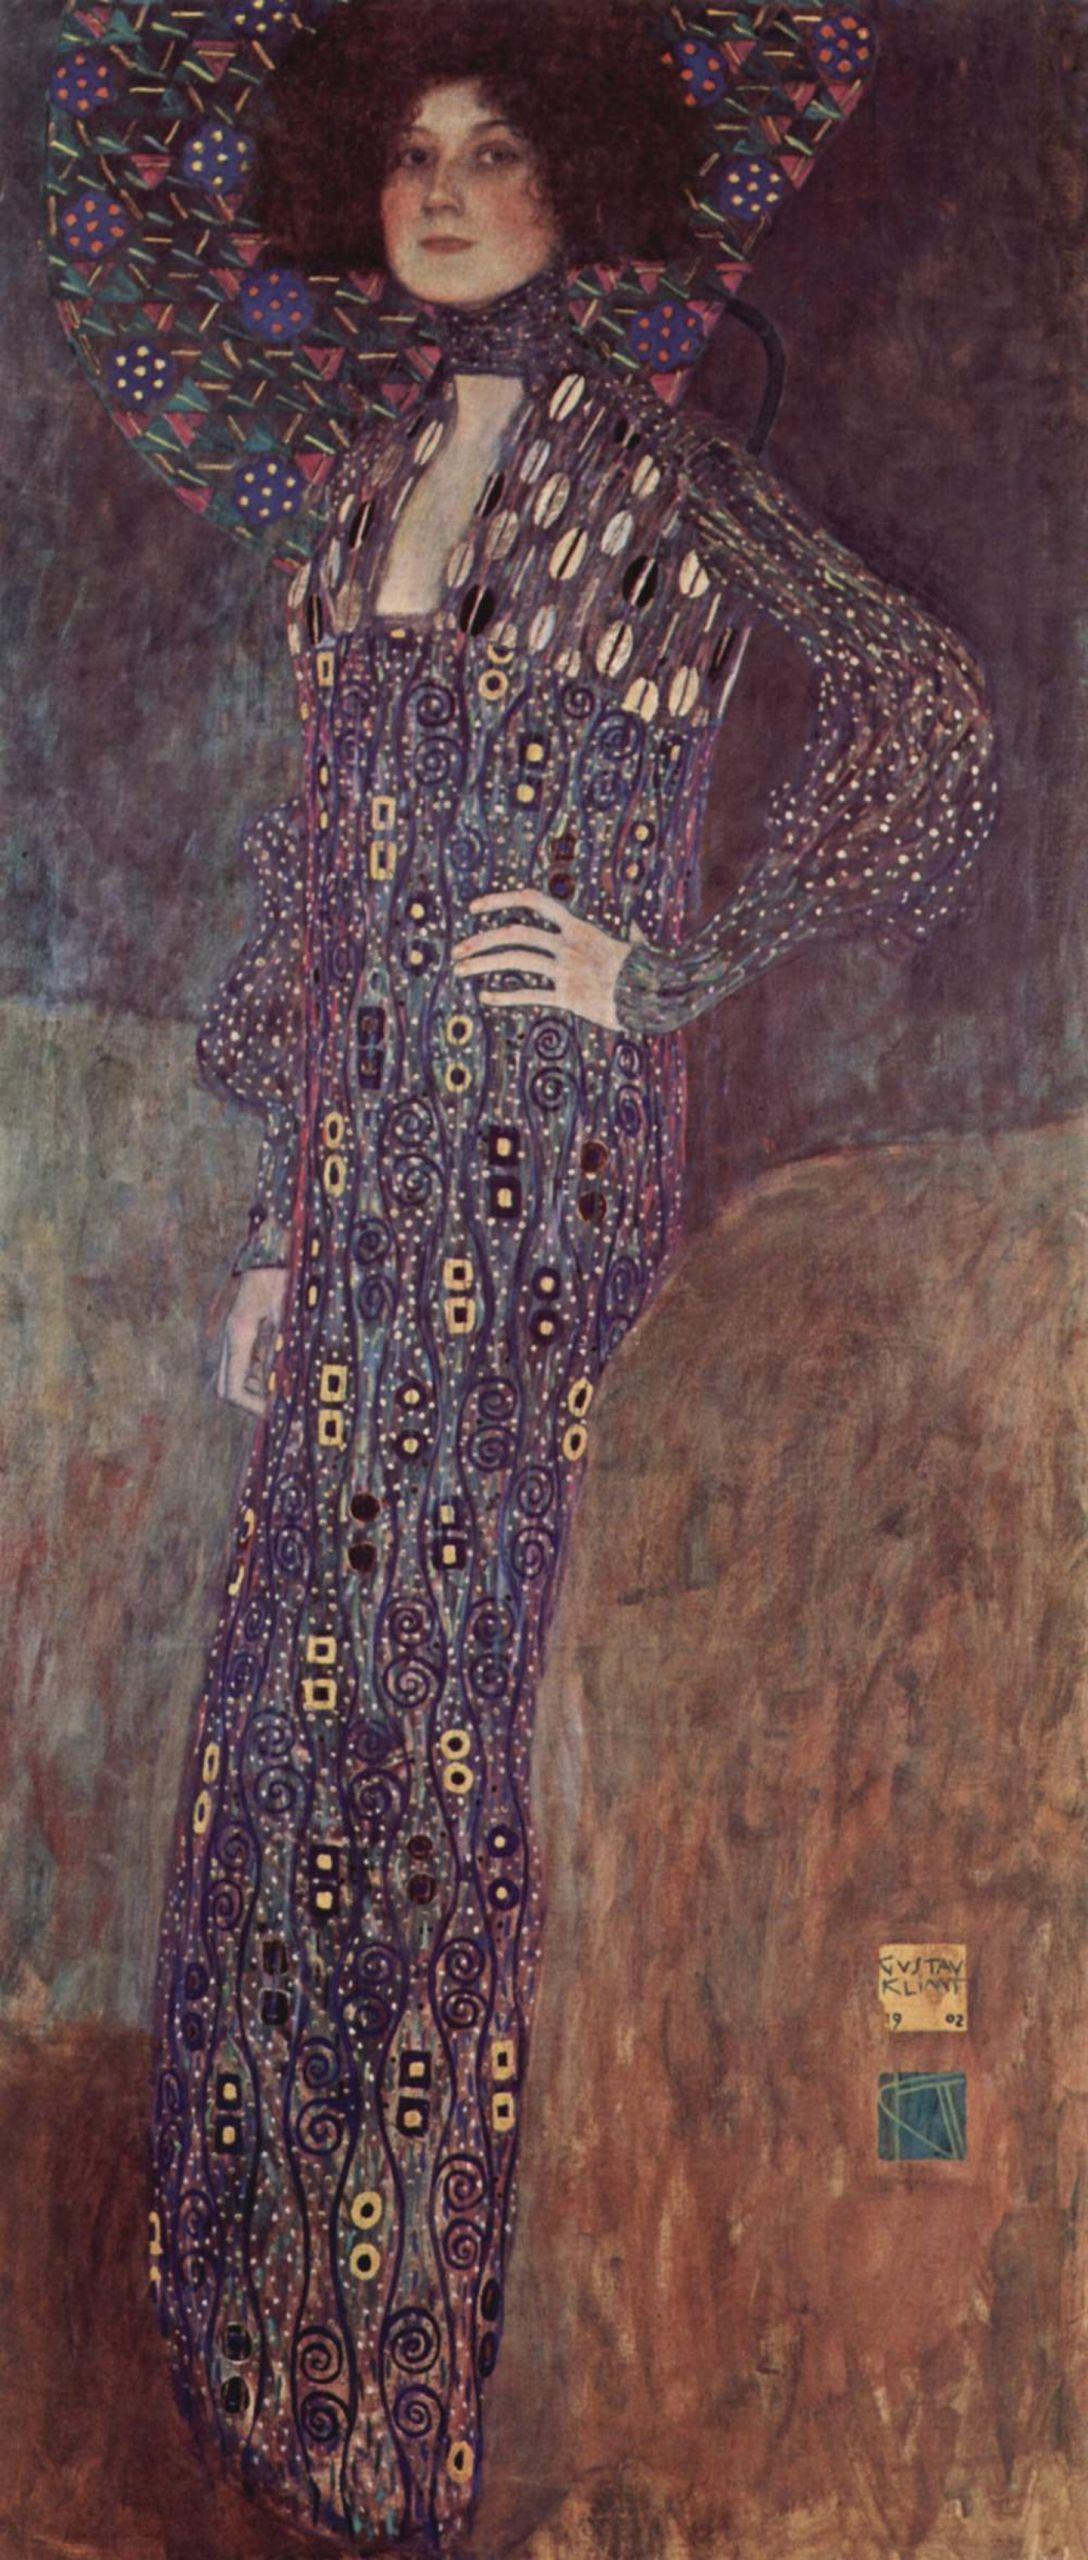 Γκούσταφ Κλιμτ, Πορτρέτο της Εμίλιε Φλέγκε, 1902. Φωτογραφία: Vienna Museum/WikiCommons